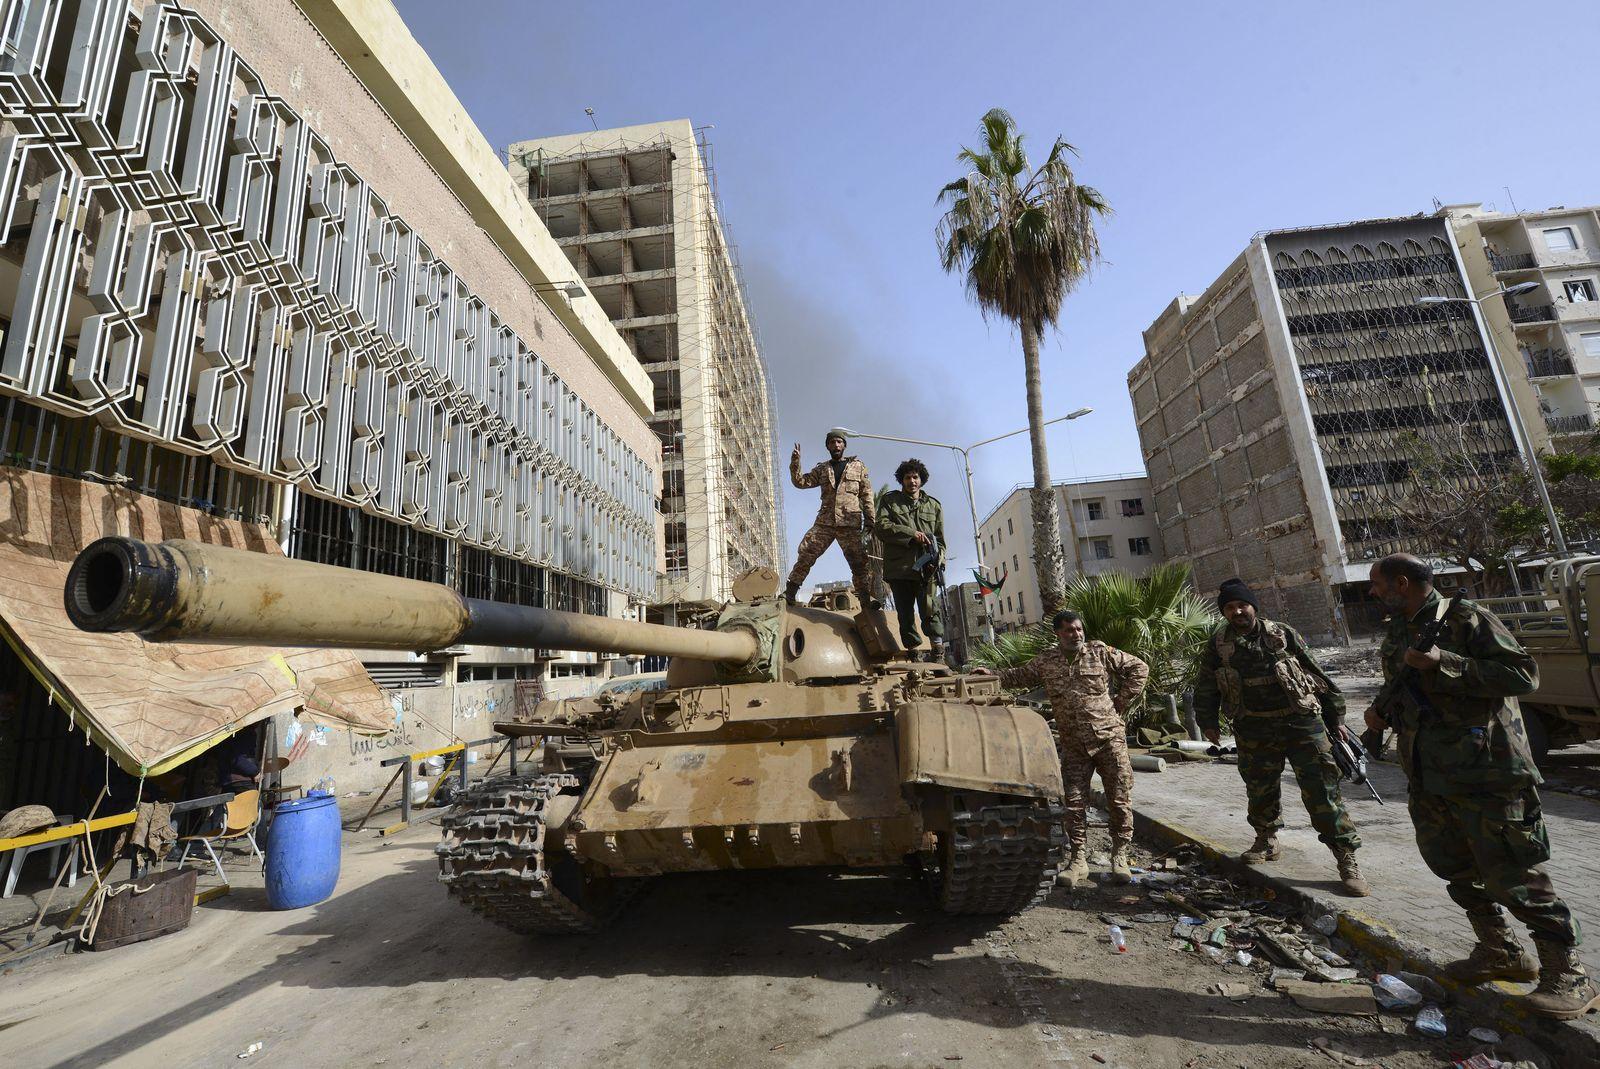 Foto: Miembros de las milicias del Gobierno de Tobruk sobre un tanque en la puerta del Banco Central de Bengasi , el pasado 21 de enero (Reuters).